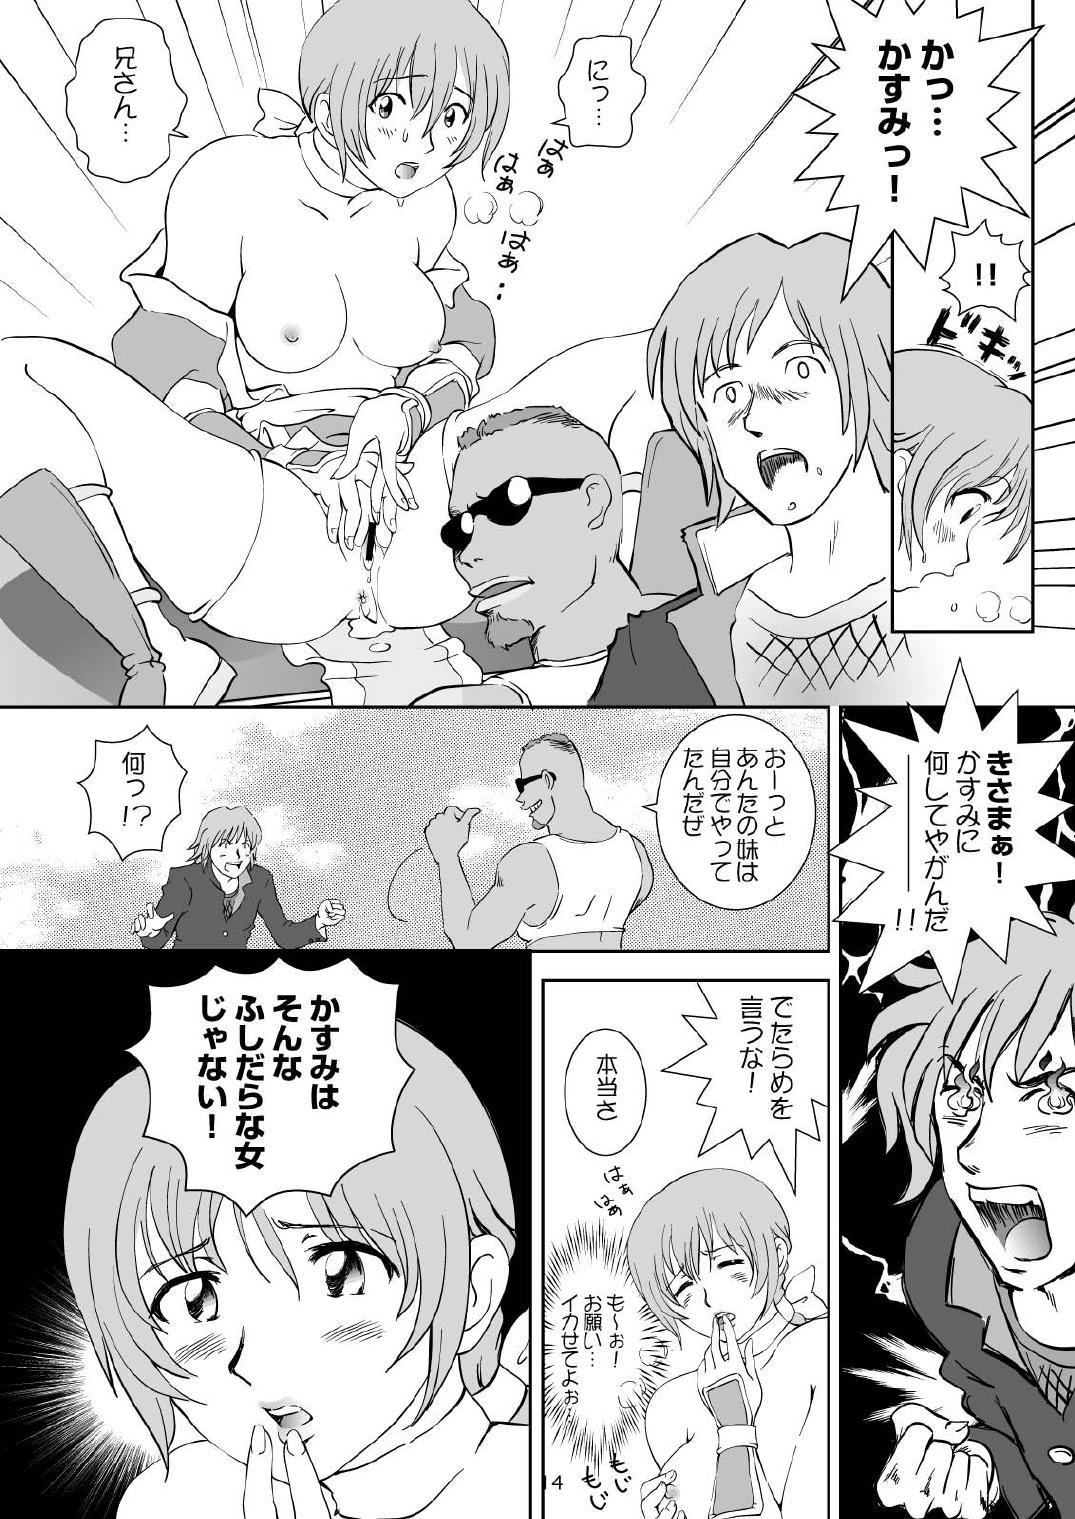 Sugoiyo!! Kasumi-chan 15